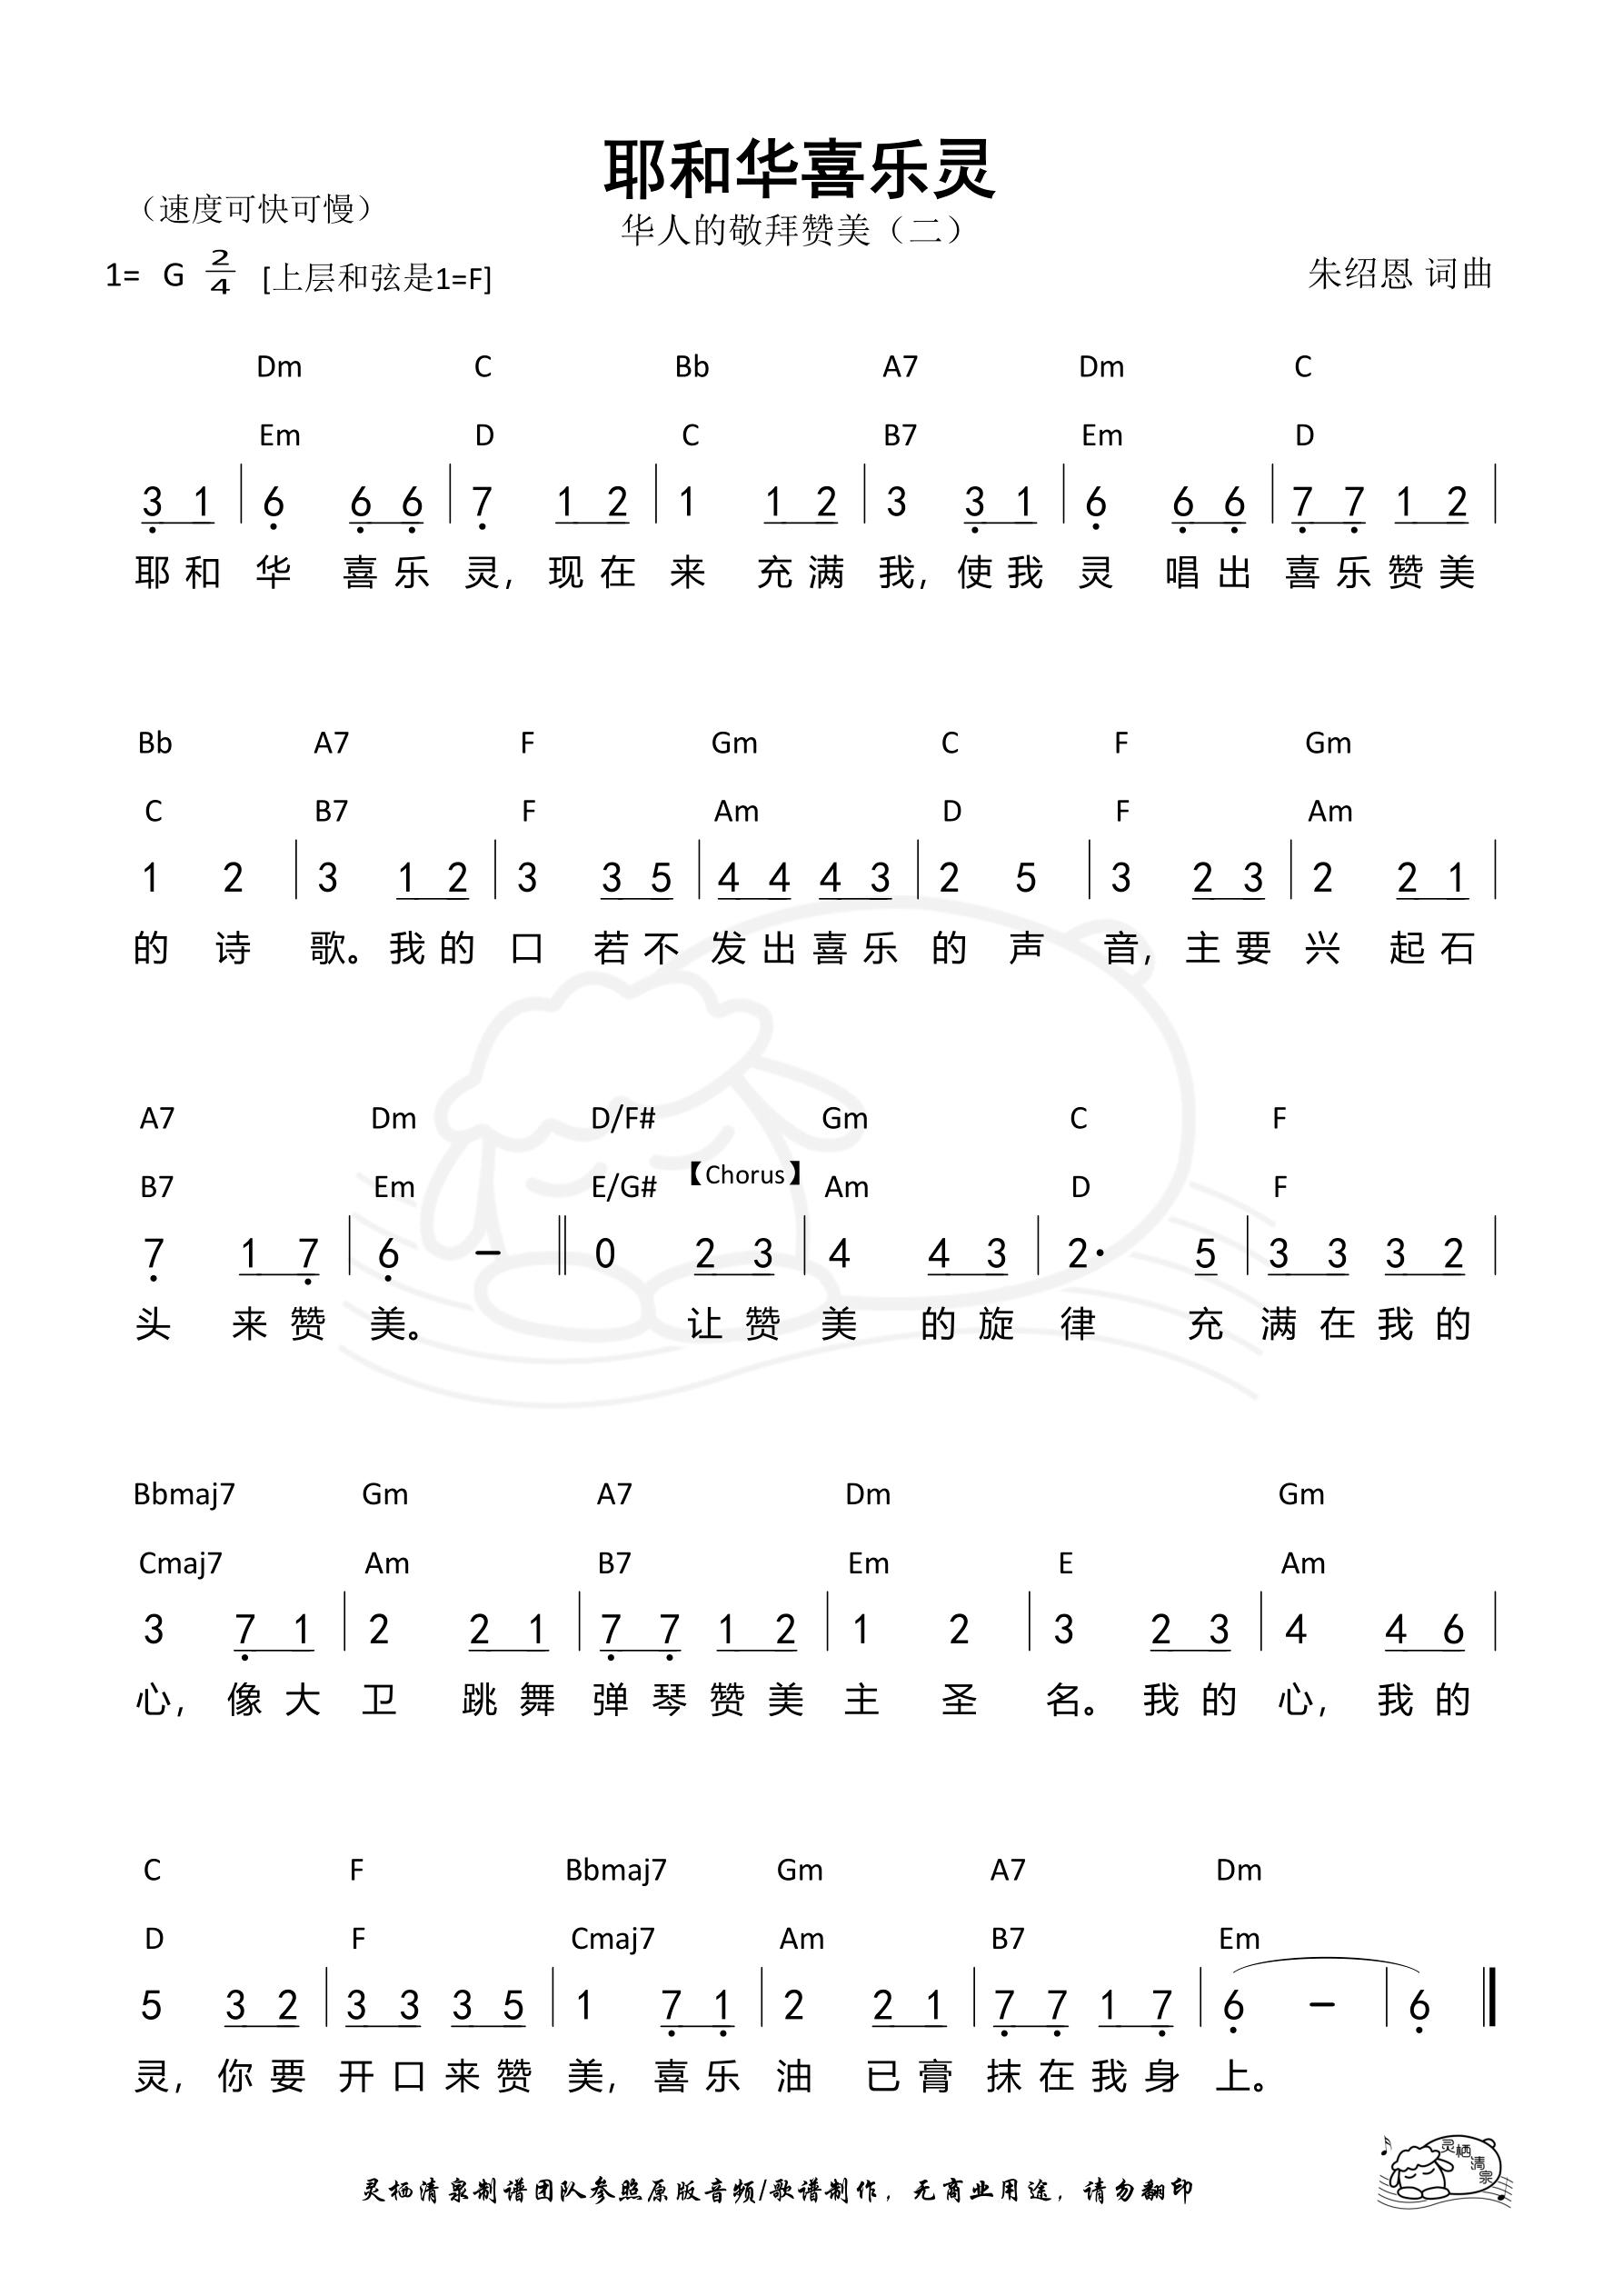 《第283首 - 耶和华喜乐灵 和弦简谱》